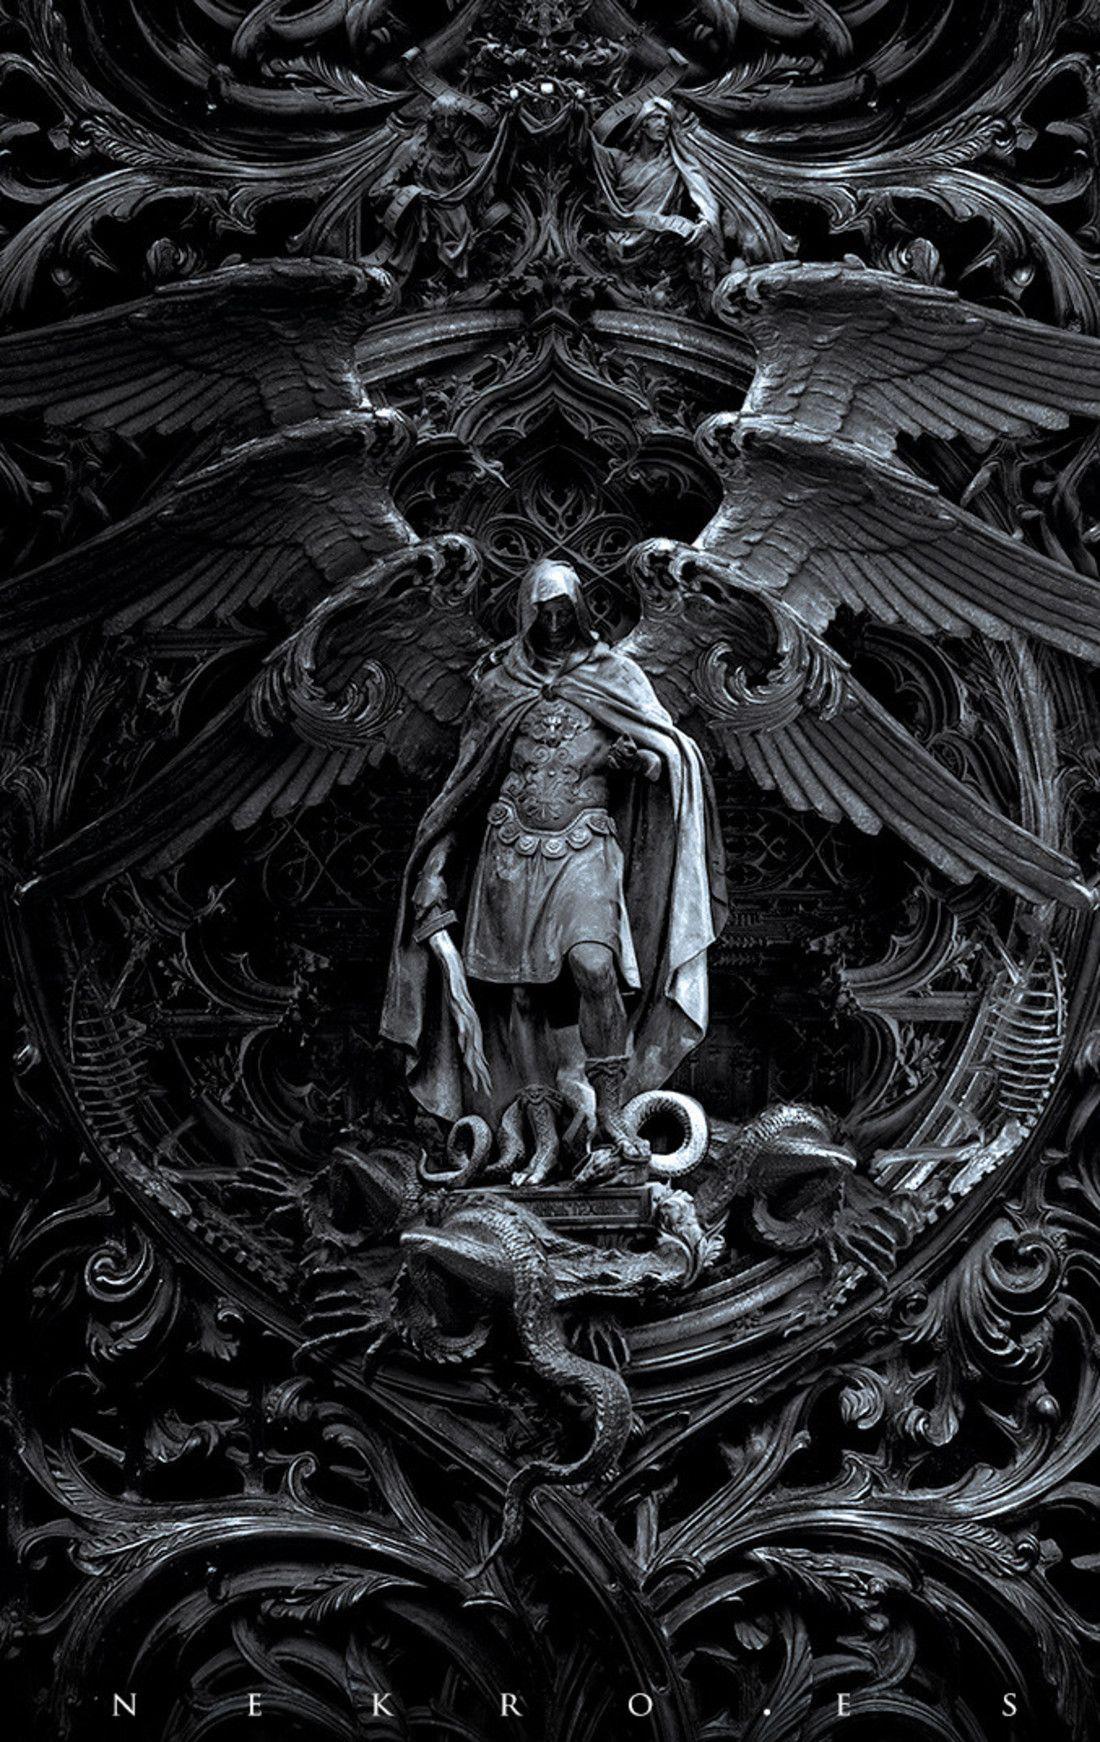 Arcangel Follando 2445 mejores imágenes de angeles en 2020 | imágenes de